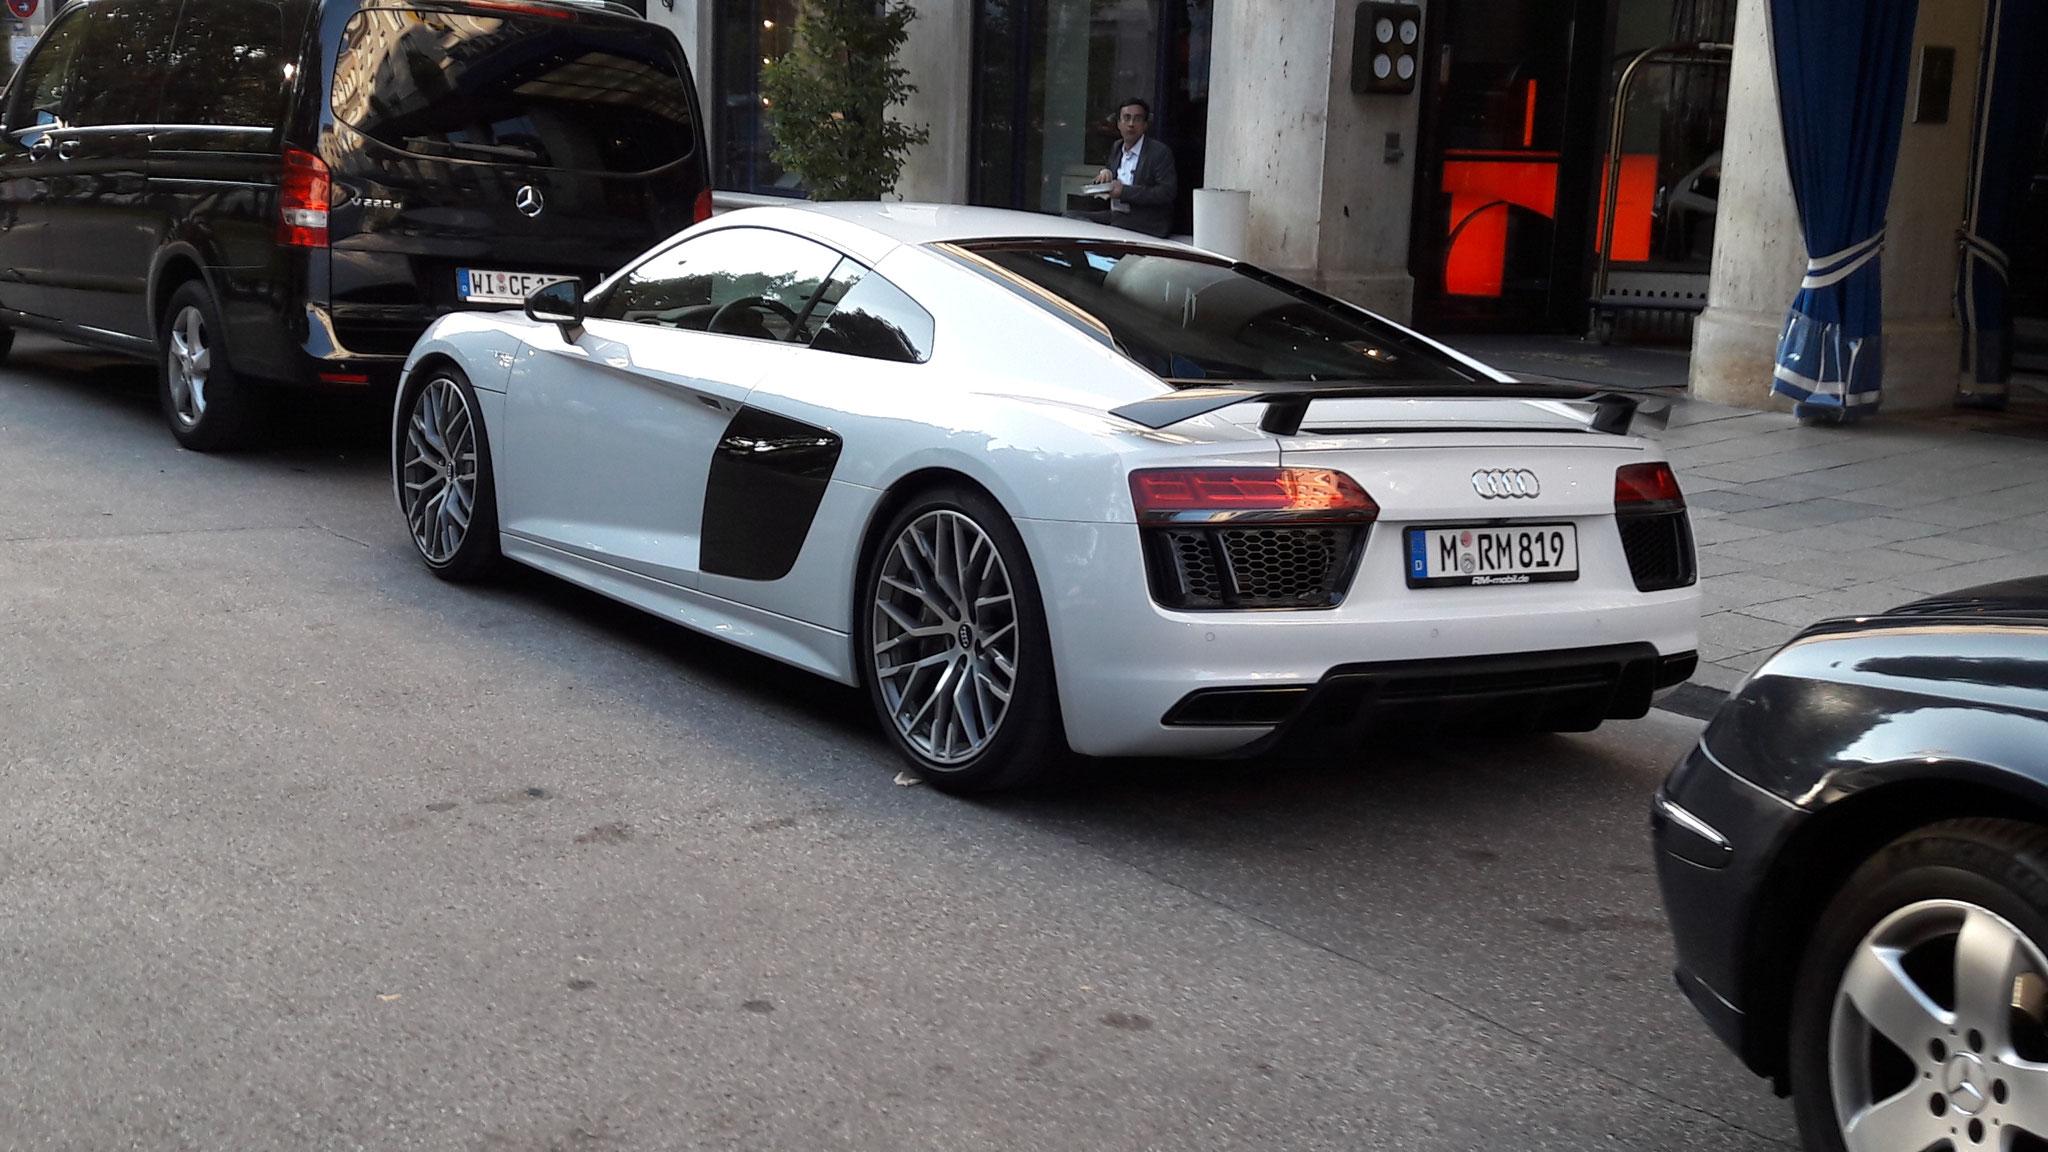 Audi R8 V10 - M-RM-819